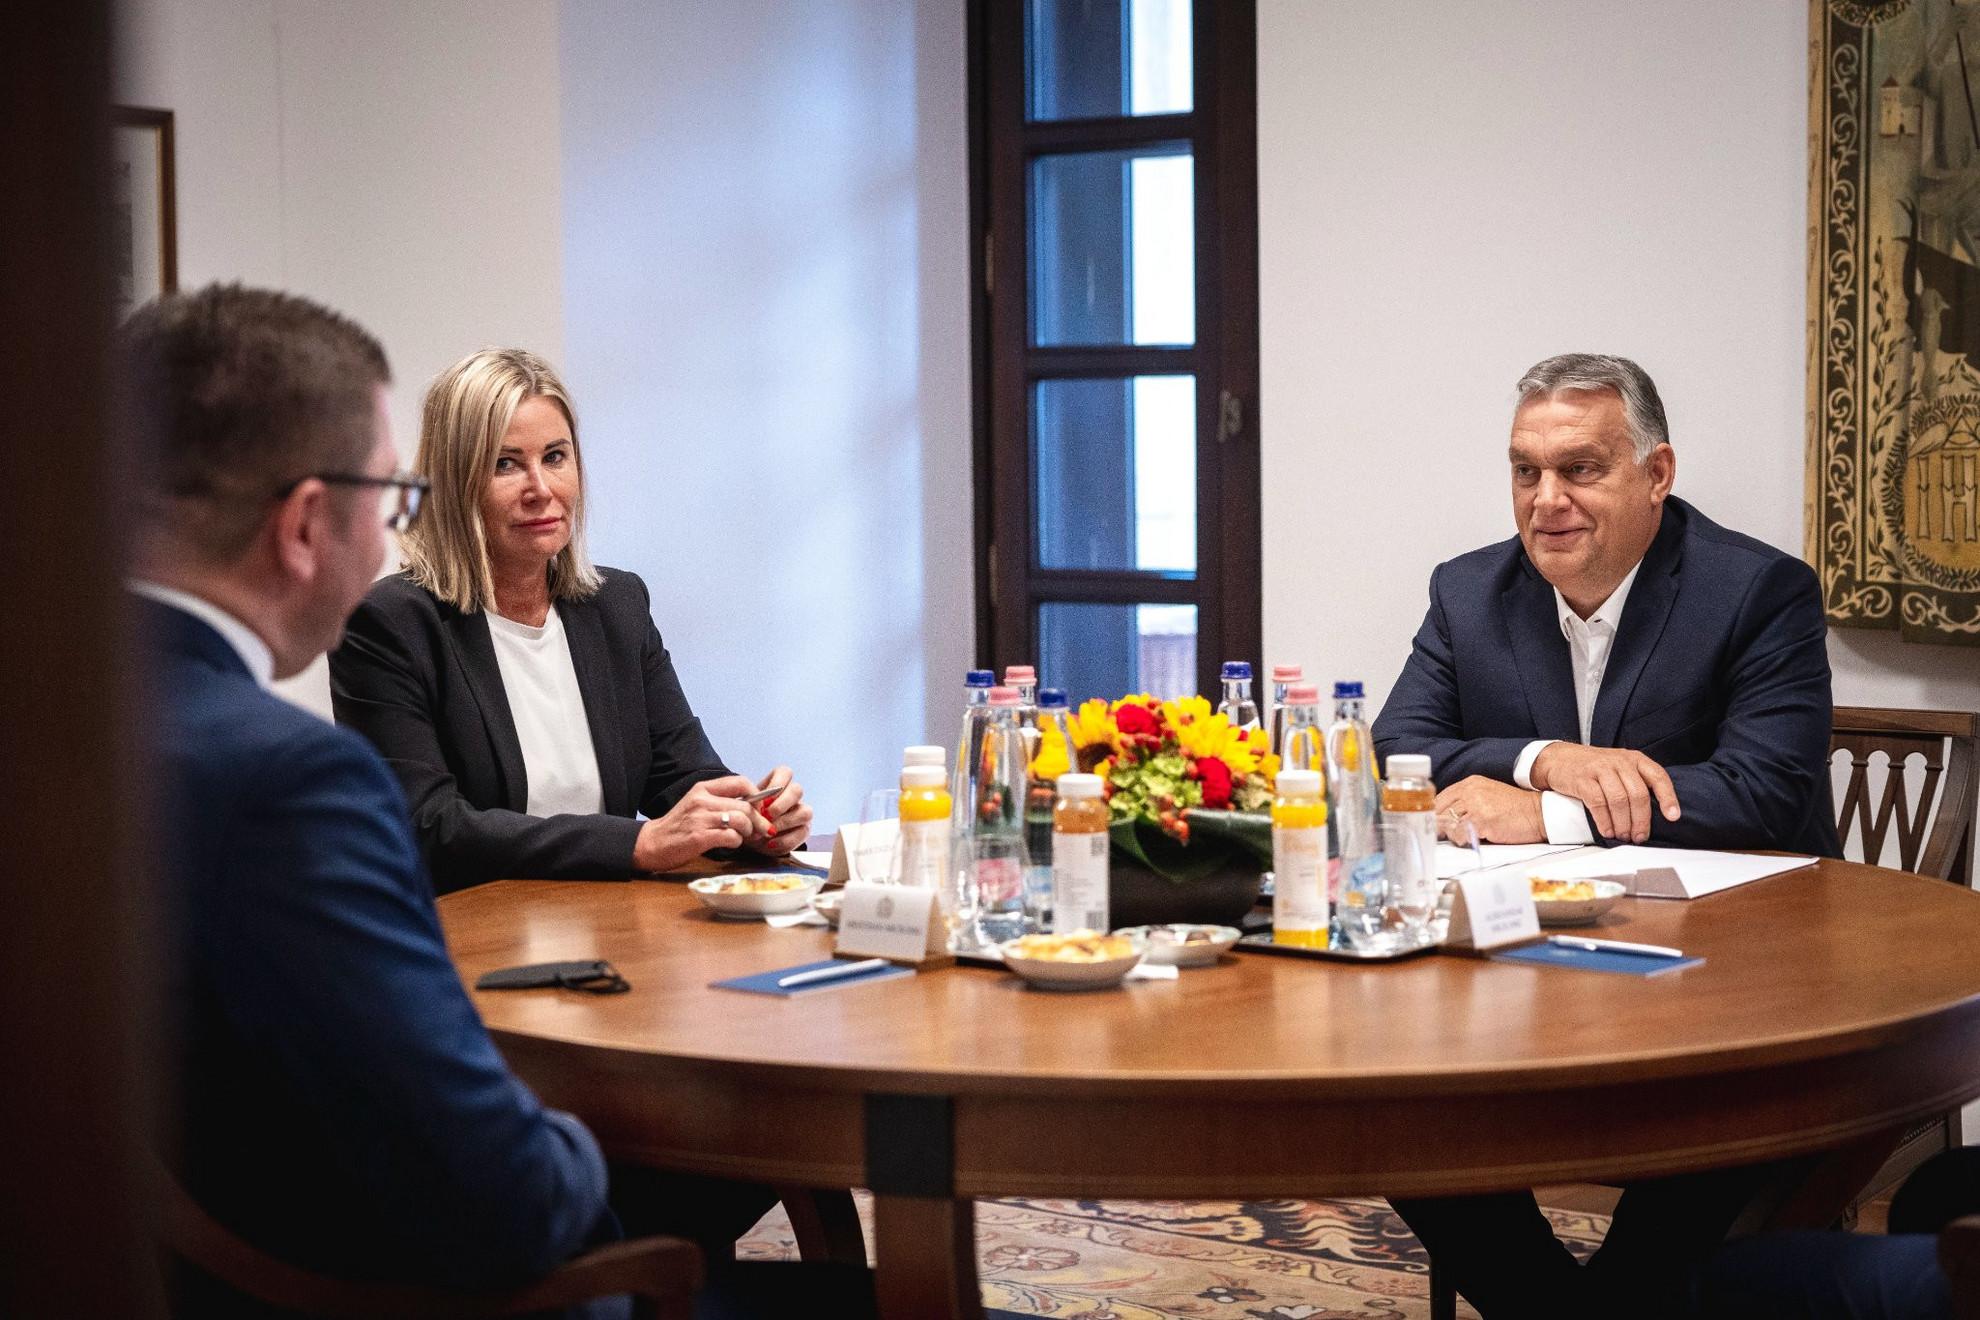 Orbán Viktor miniszterelnök, a Fidesz elnöke (j) fogadja a Belső Macedón Forradalmi Szervezet - Macedón Nemzeti Egység Demokratikus Pártja (VMRO-DPMNE) elnökét, Hrisztijan Mickoszkit a Karmelita kolostorban 2021. szeptember 21-én. A kormányfő mellett Rahói Zsuzsanna külpolitikai főtanácsadó